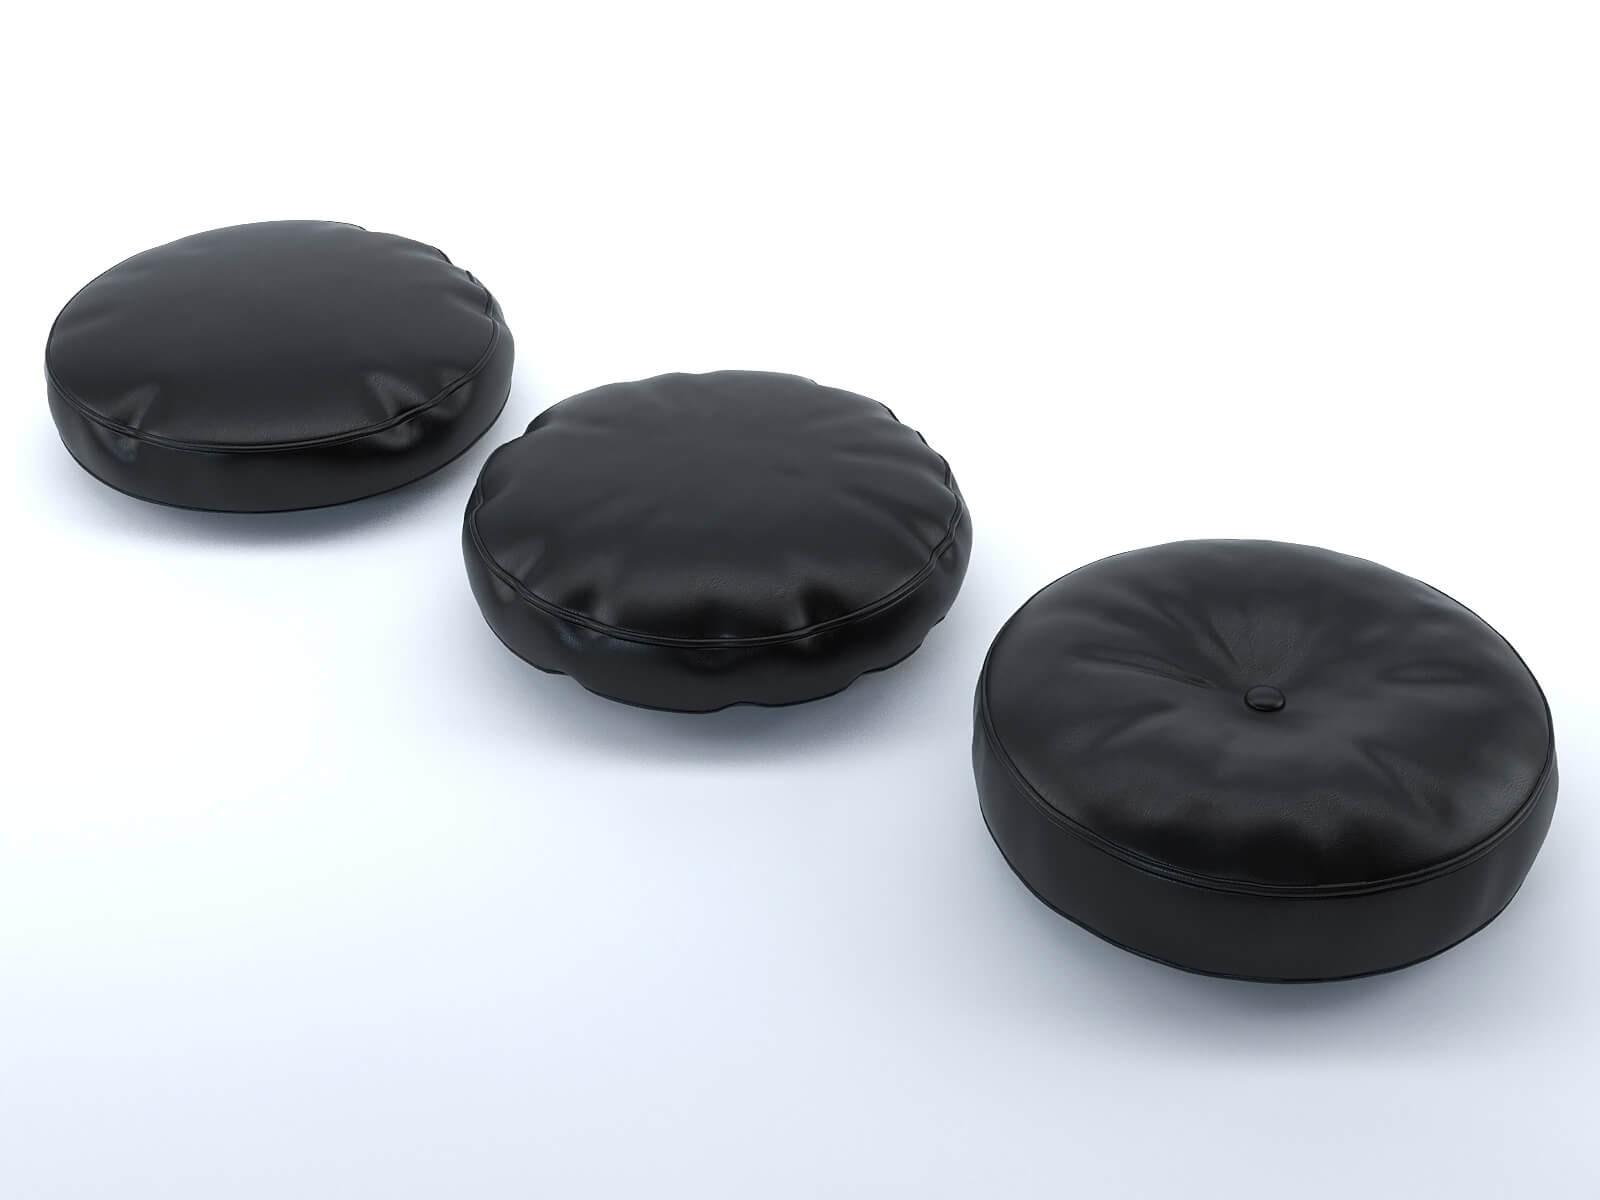 Coussins ronds cuir noir (lot de 3)